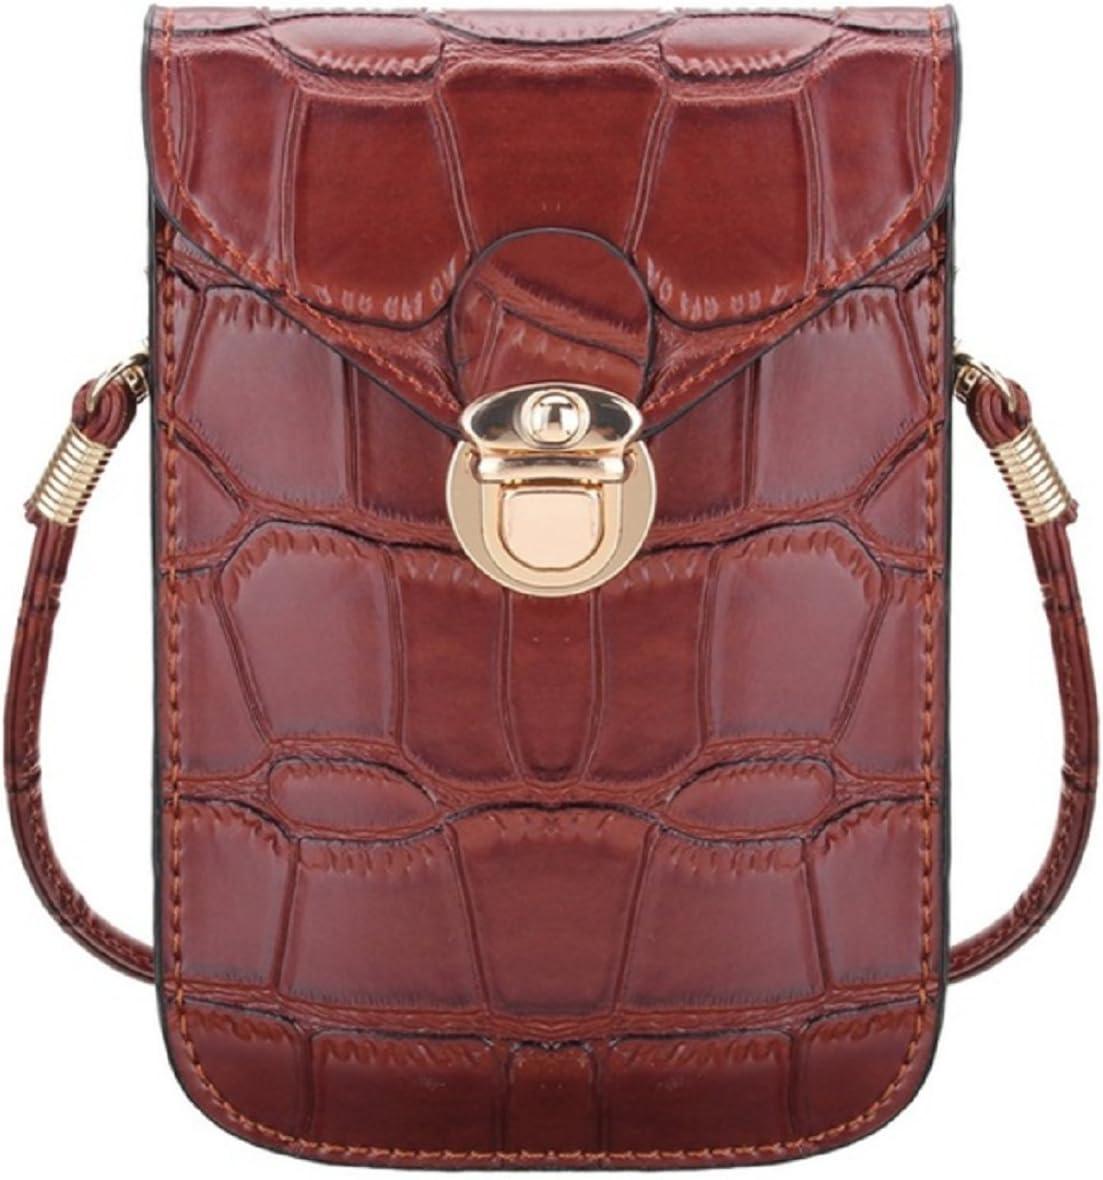 Damen Tasche Umhängetasche Clutch Handy Stern Braun Kunstleder